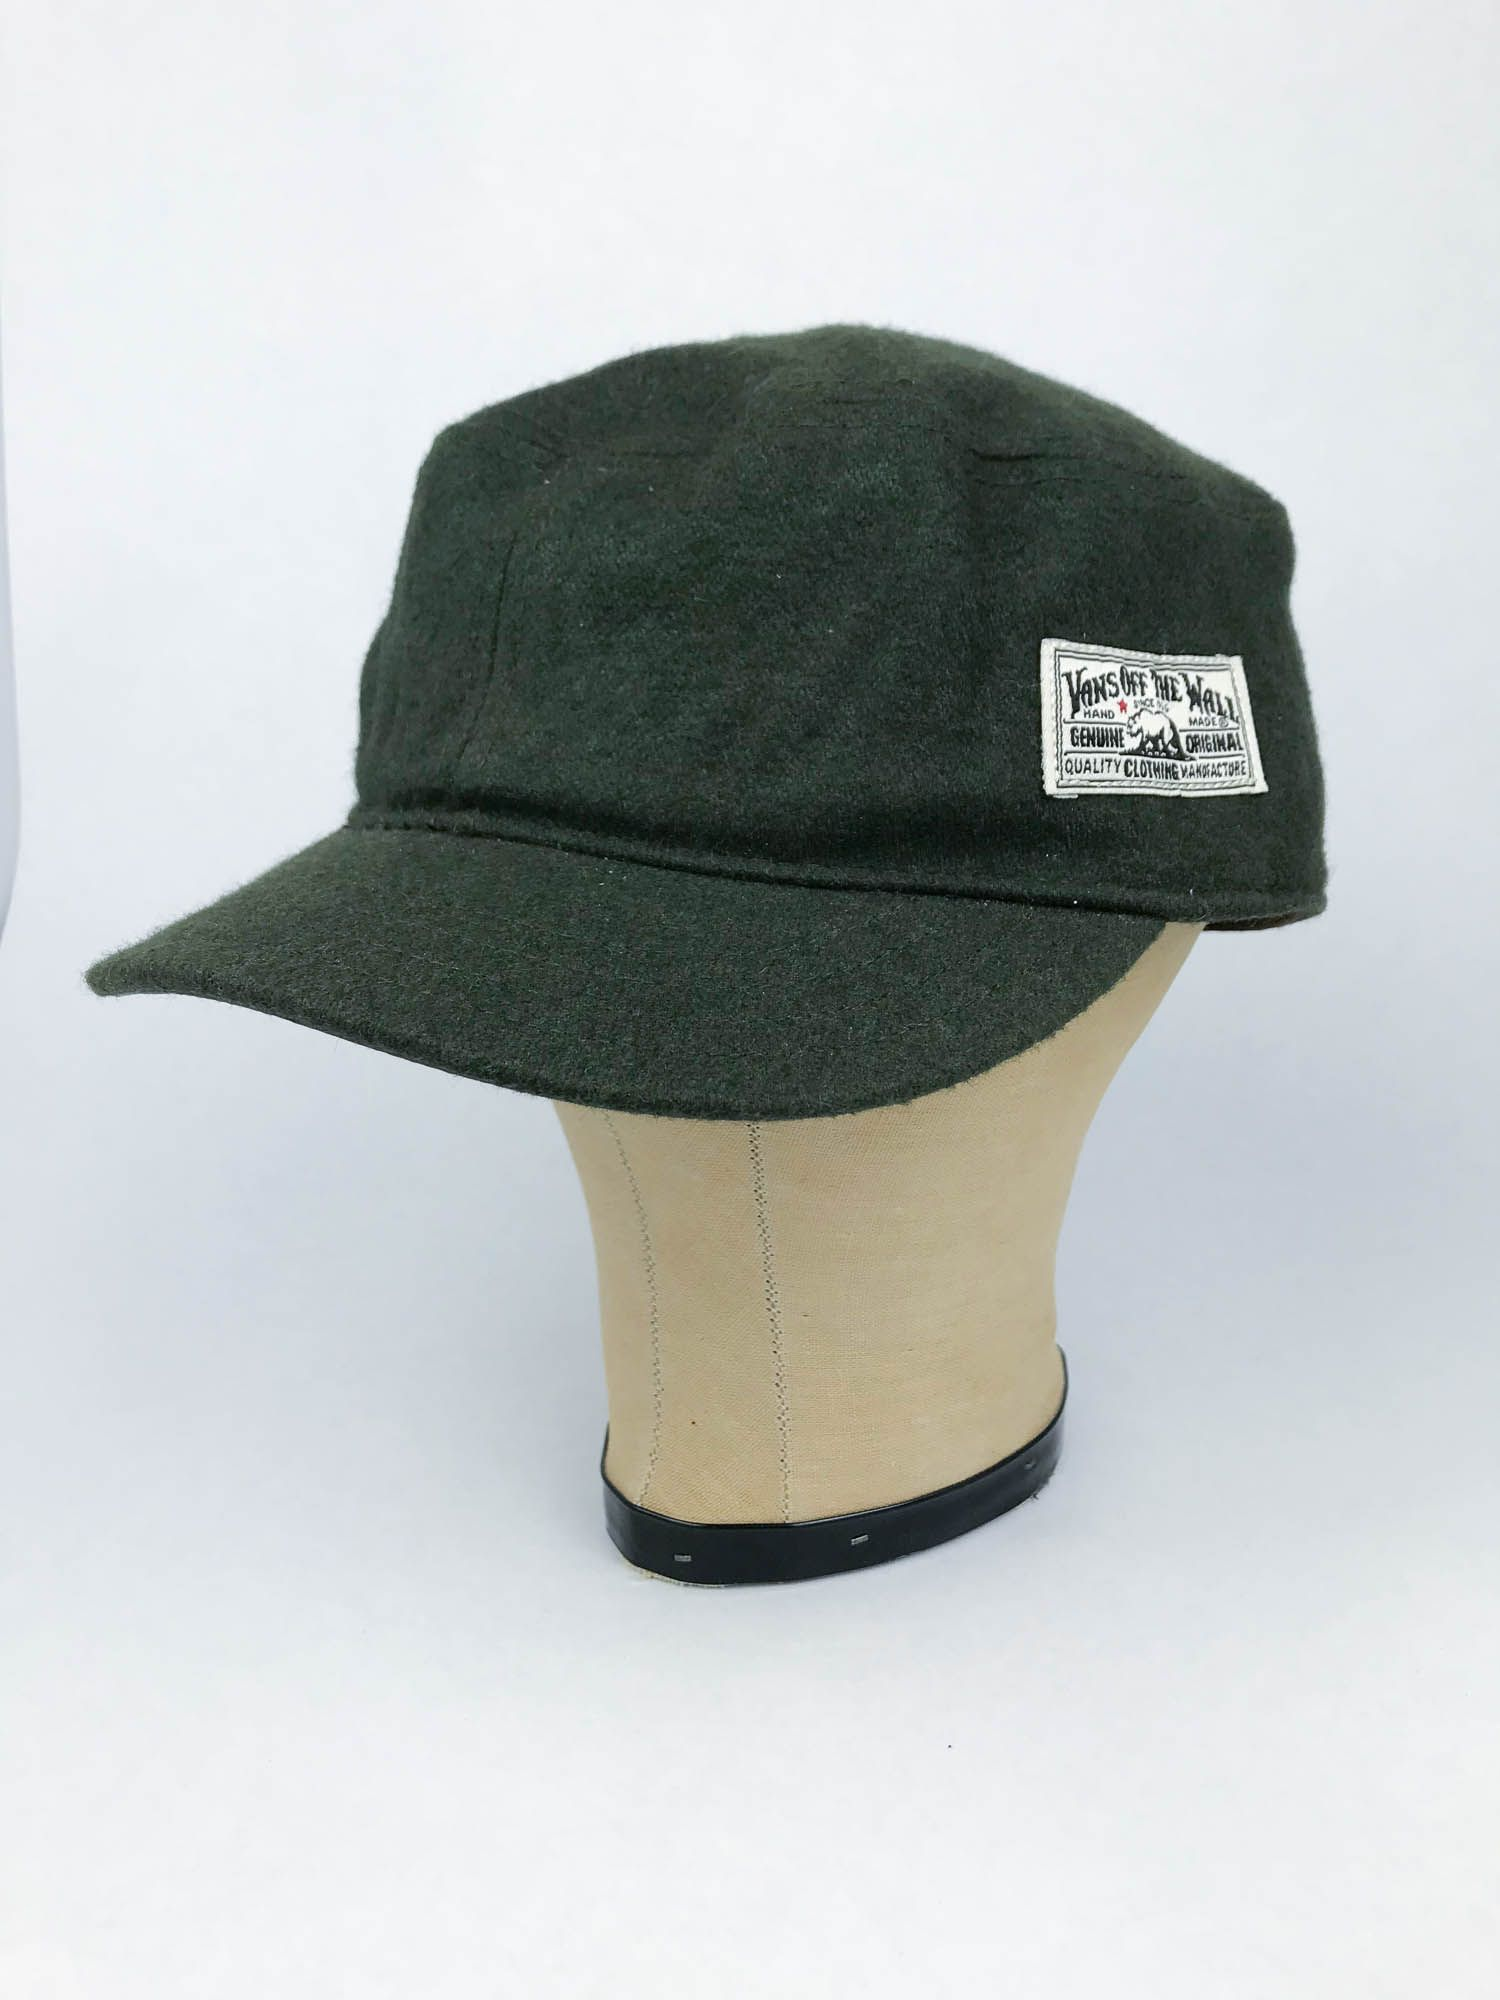 Vans Off The Wall Wool Cadet Hat S M on Blamm.com  VansOffTheWall   WoolCadetHat  vans  skater  cadethat e3554e66ff9